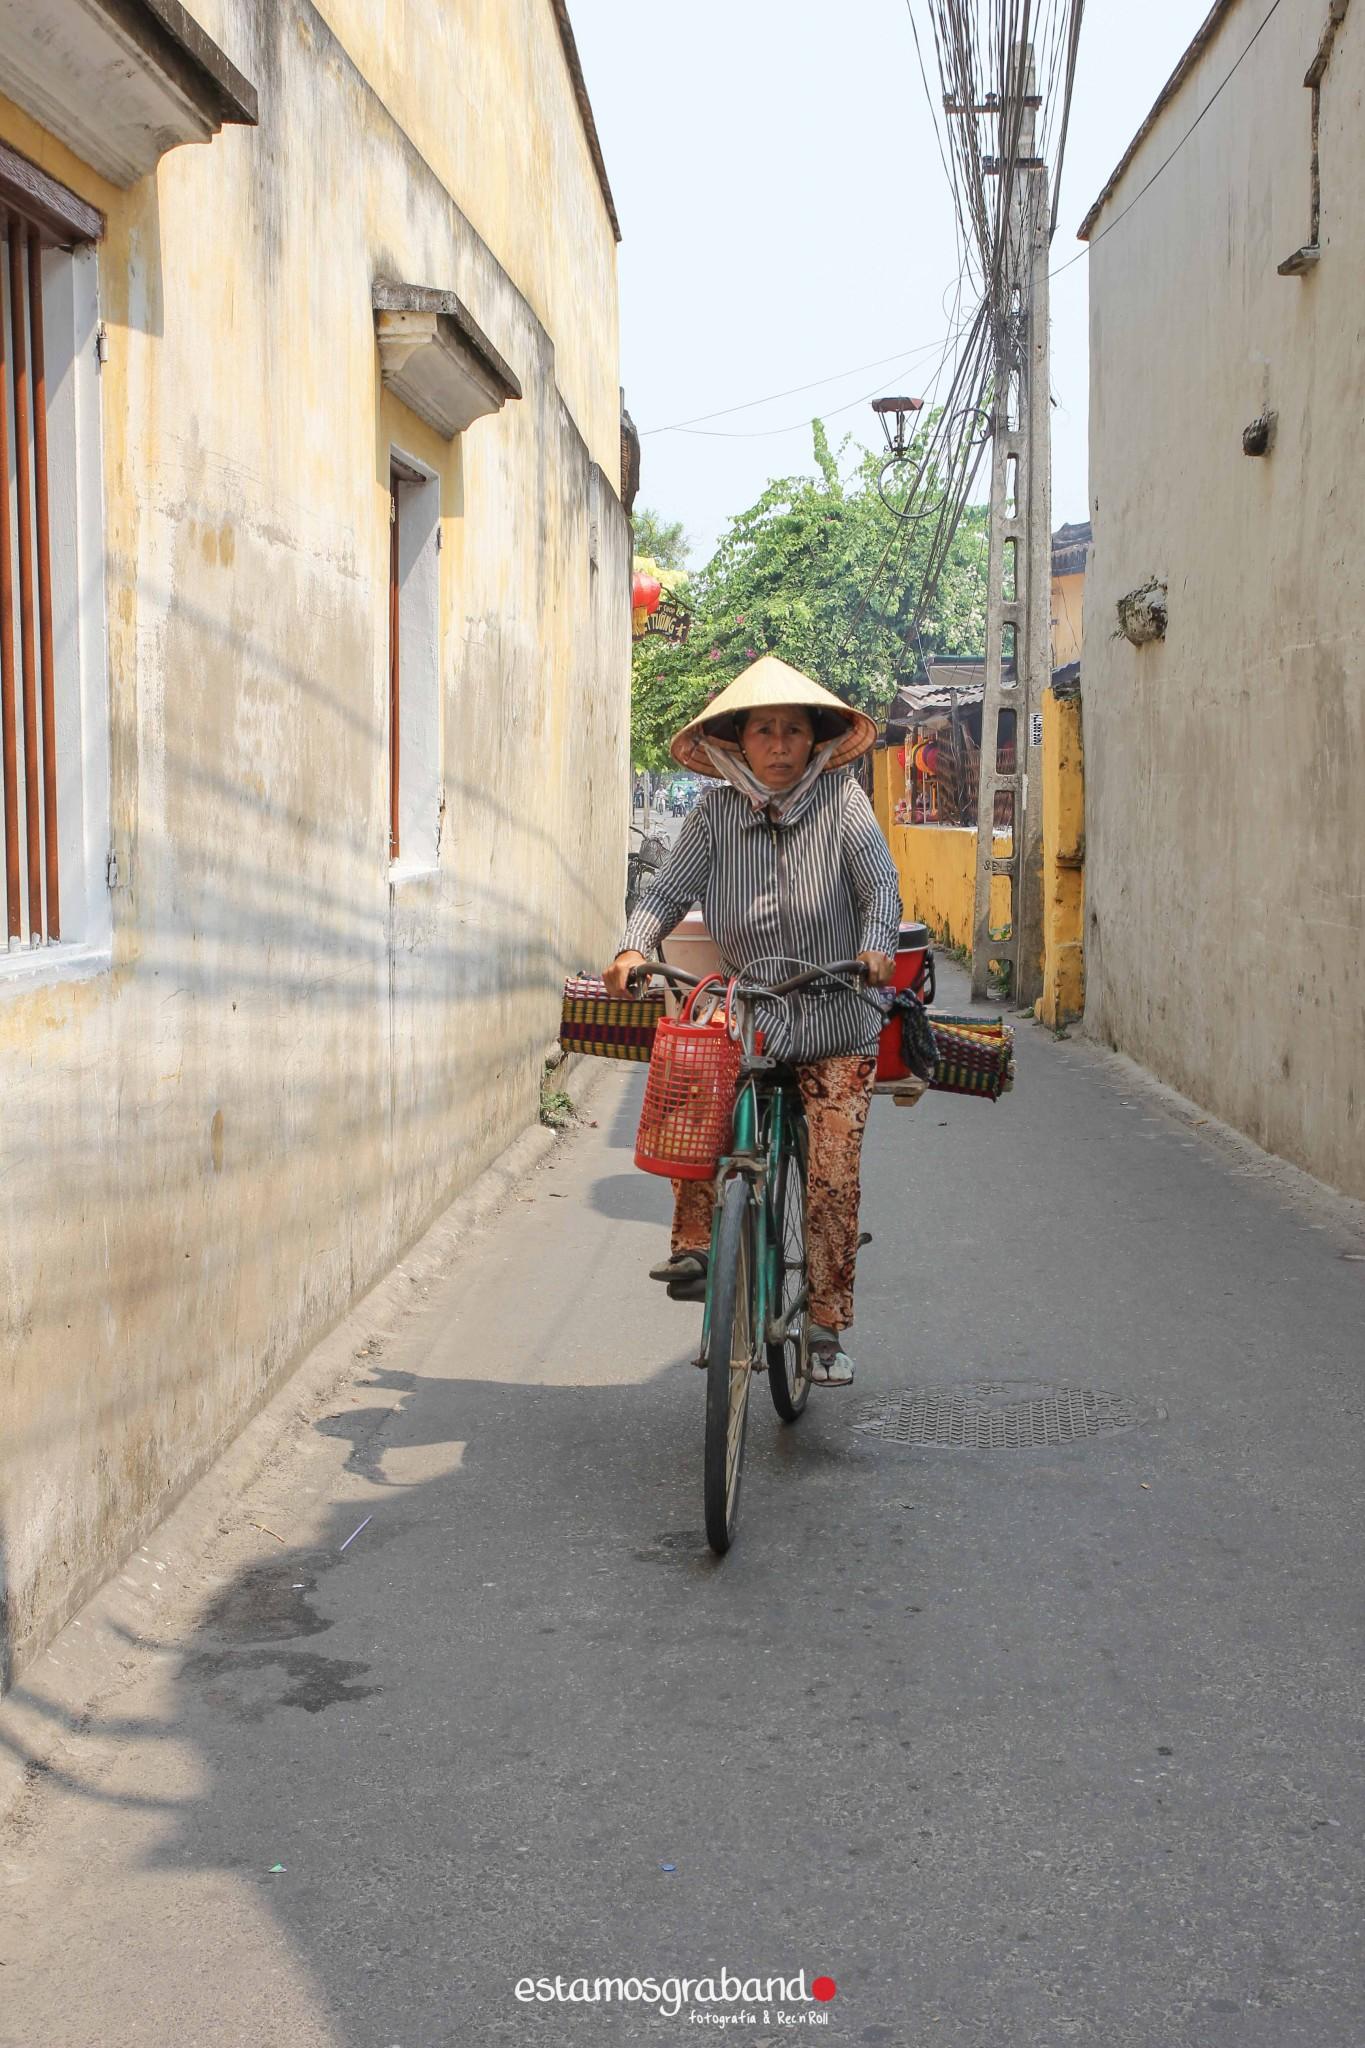 reportaje-vietnam_fotograficc81a-vietnam_estamosgrabando-vietnam_rutasvietnam_reportaje-retratos-fotos-vietnam_fotografia-vietnam_reportaje-estamosgrabando-fotograficc81a-vietnam-87 Pequeños grandes recuerdos de Vietnam en 100 imágenes - video boda cadiz